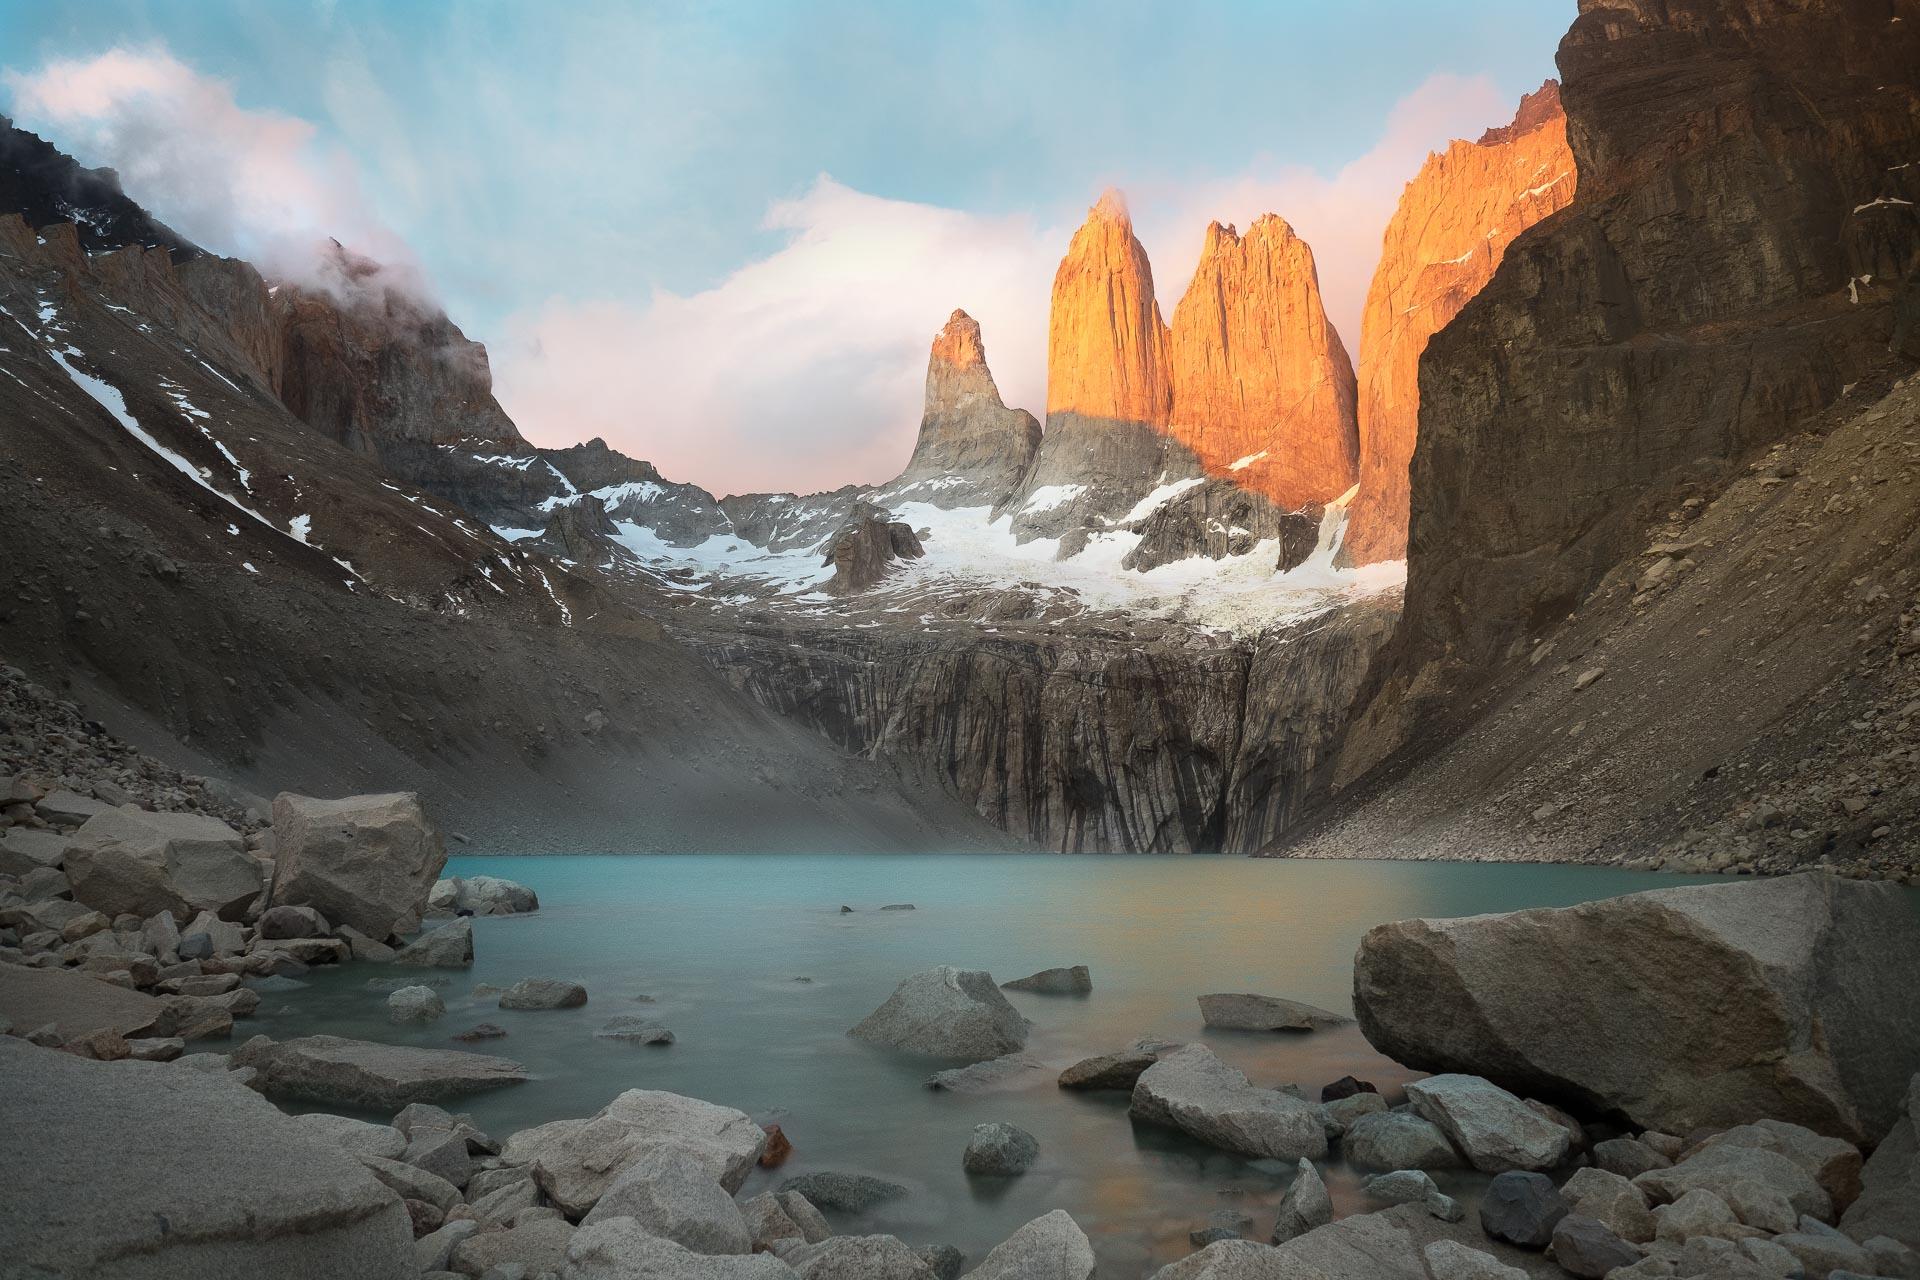 Torres del Paine, Torres del Paine National Park